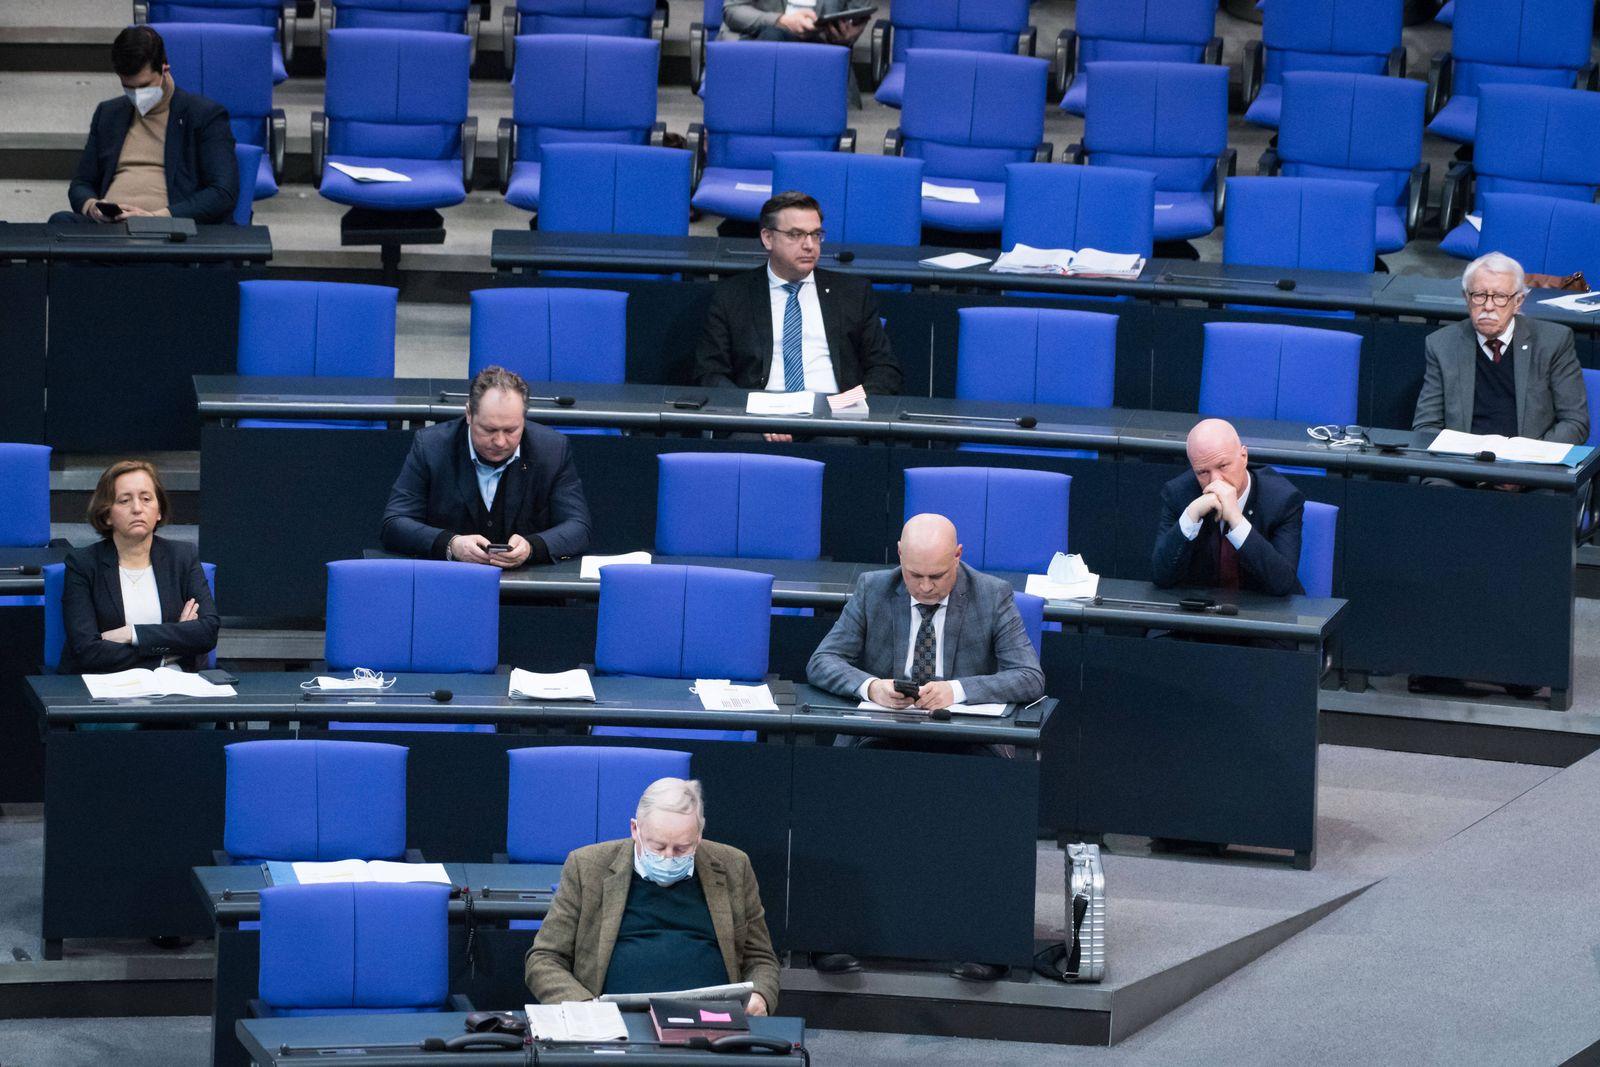 Berlin, Plenarsitzung im Bundestag Die AfD Bundestagsfraktion während der Sitzung des Deutschen Bundestags am 26.02.202